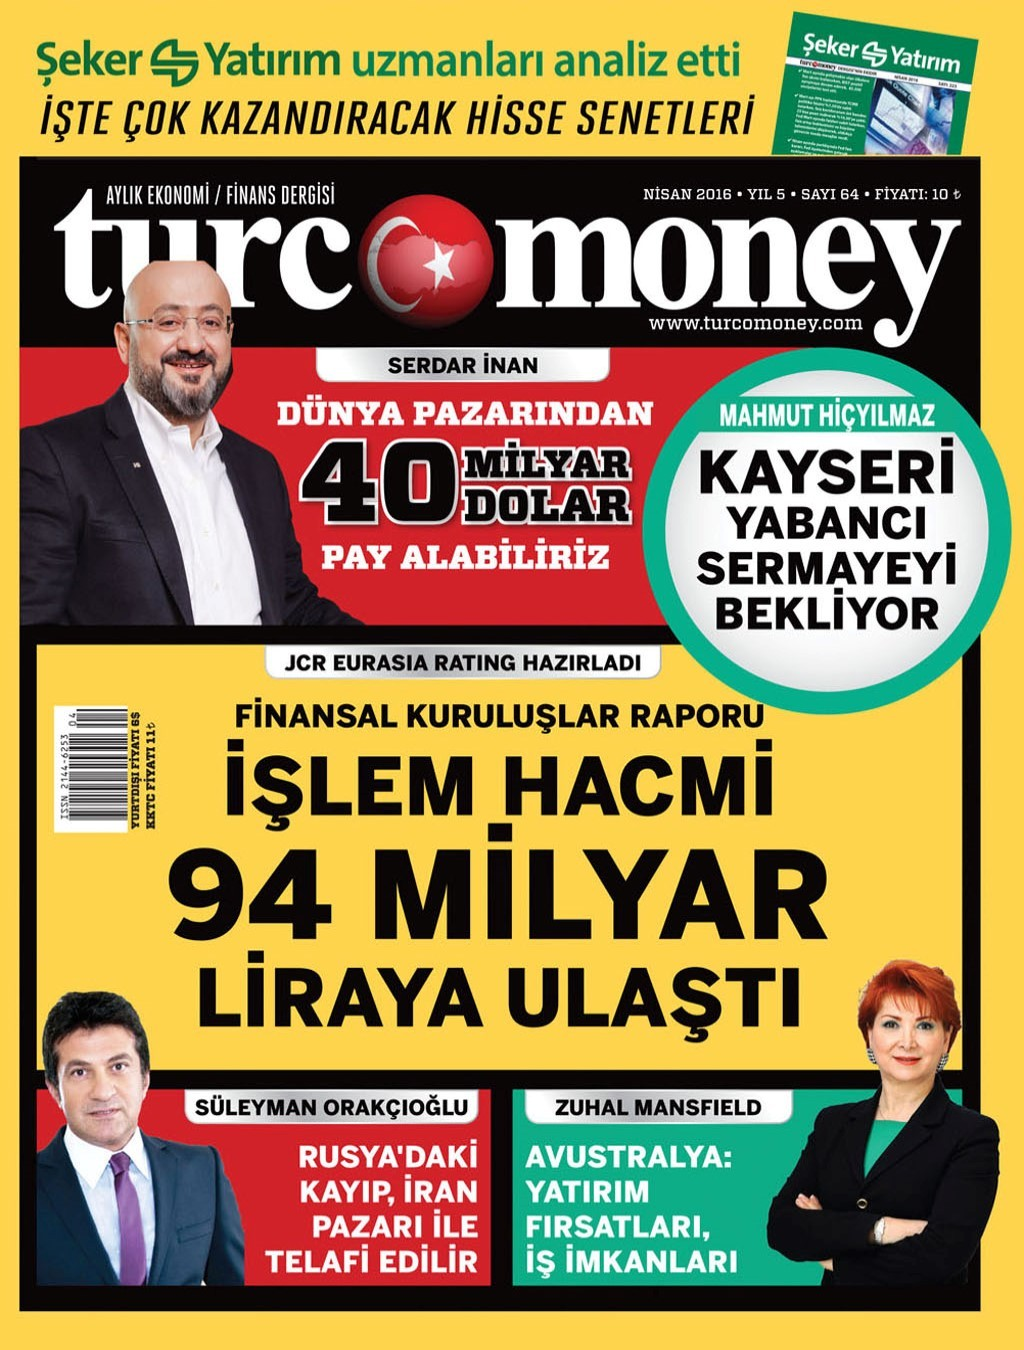 Turcomoney Nisan E-dergi indir Sandalca.com